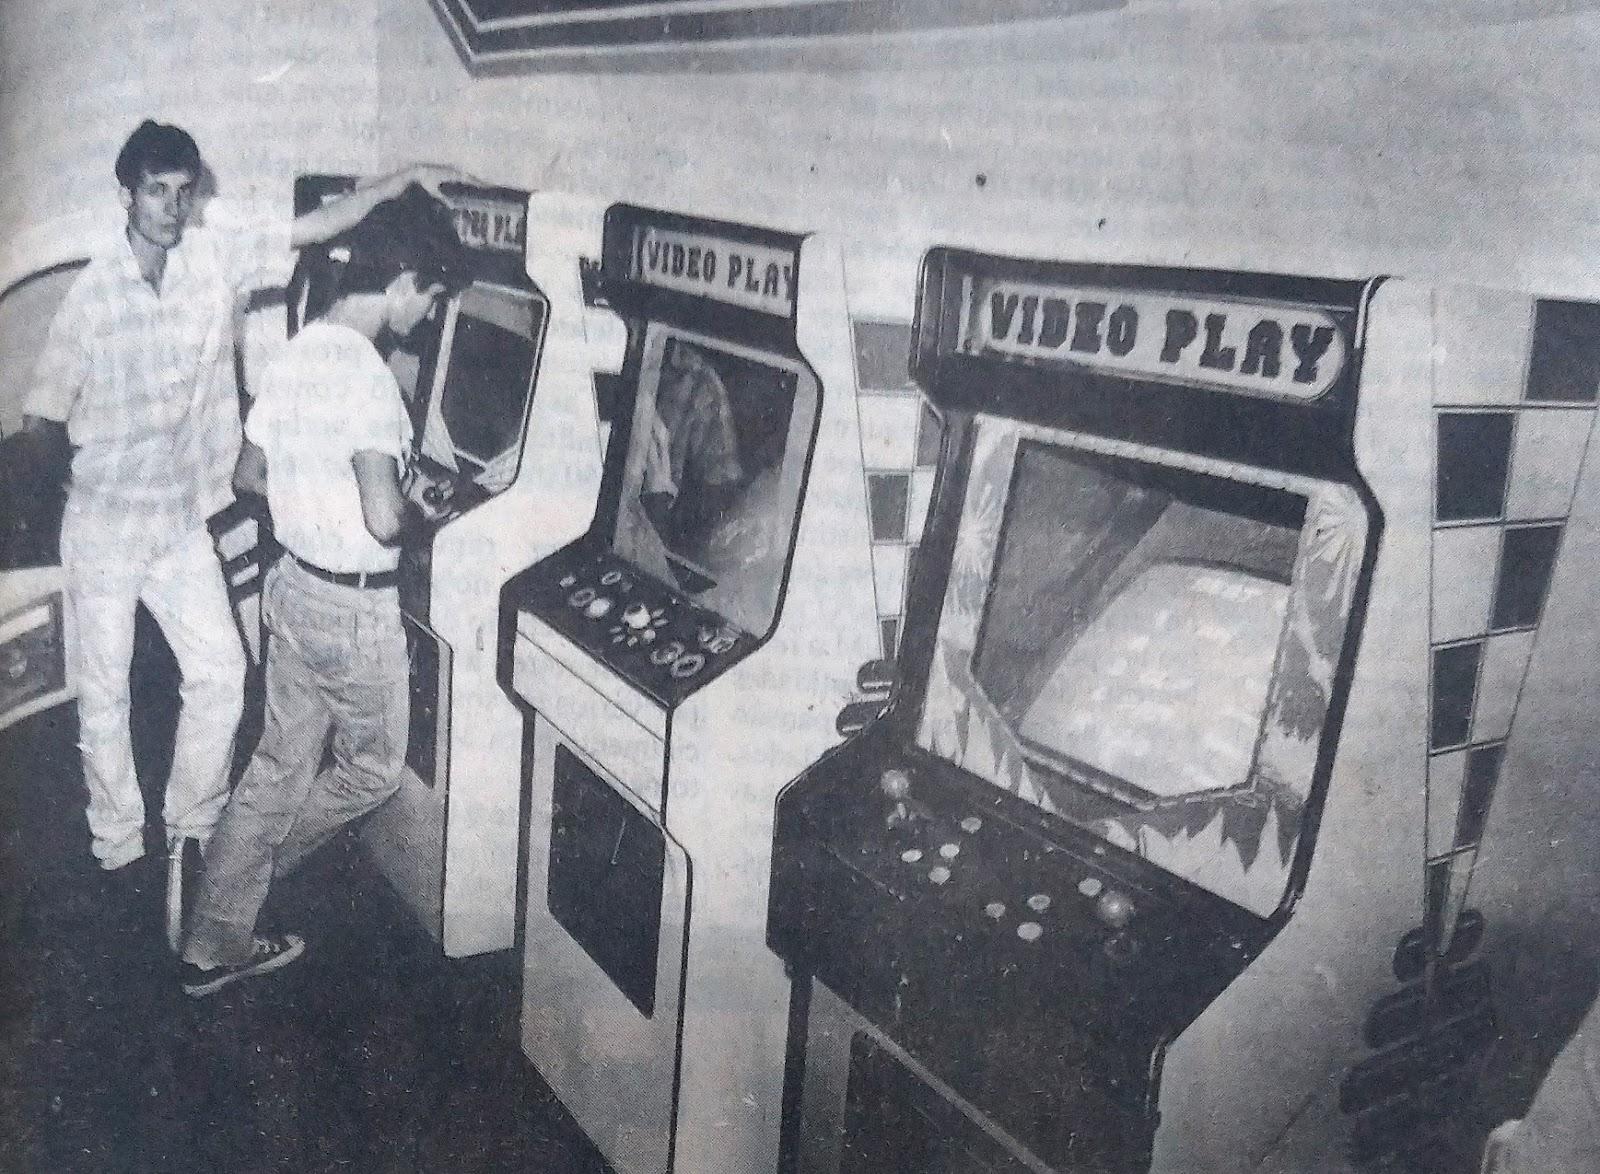 Menores proibidos nos fliperamas - 1988